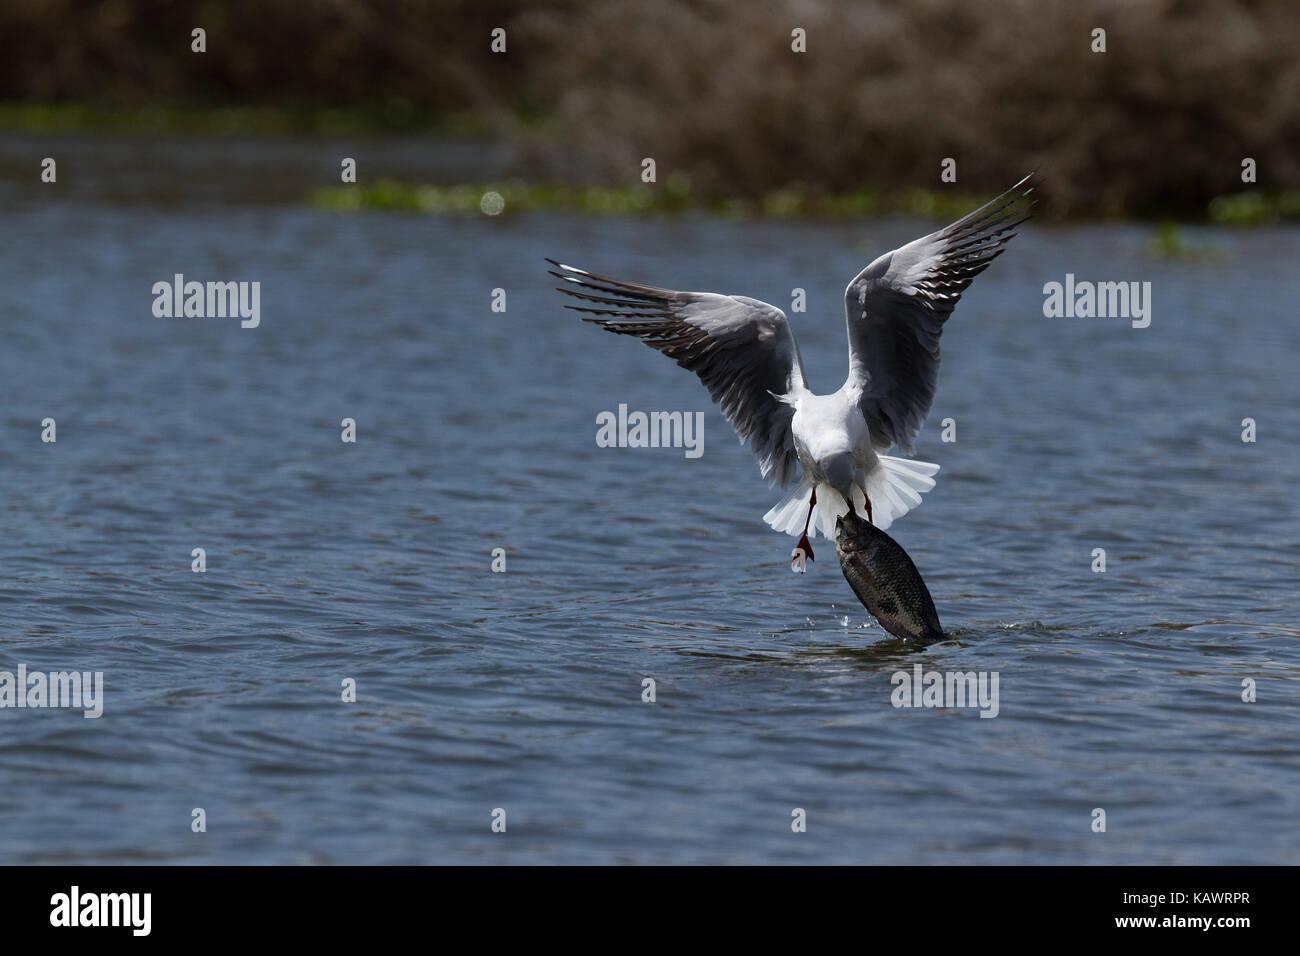 Gull (Laridae) attempts to pull large fish out of the water unsuccessfully at Lake Naivasha, Kenya - Stock Image